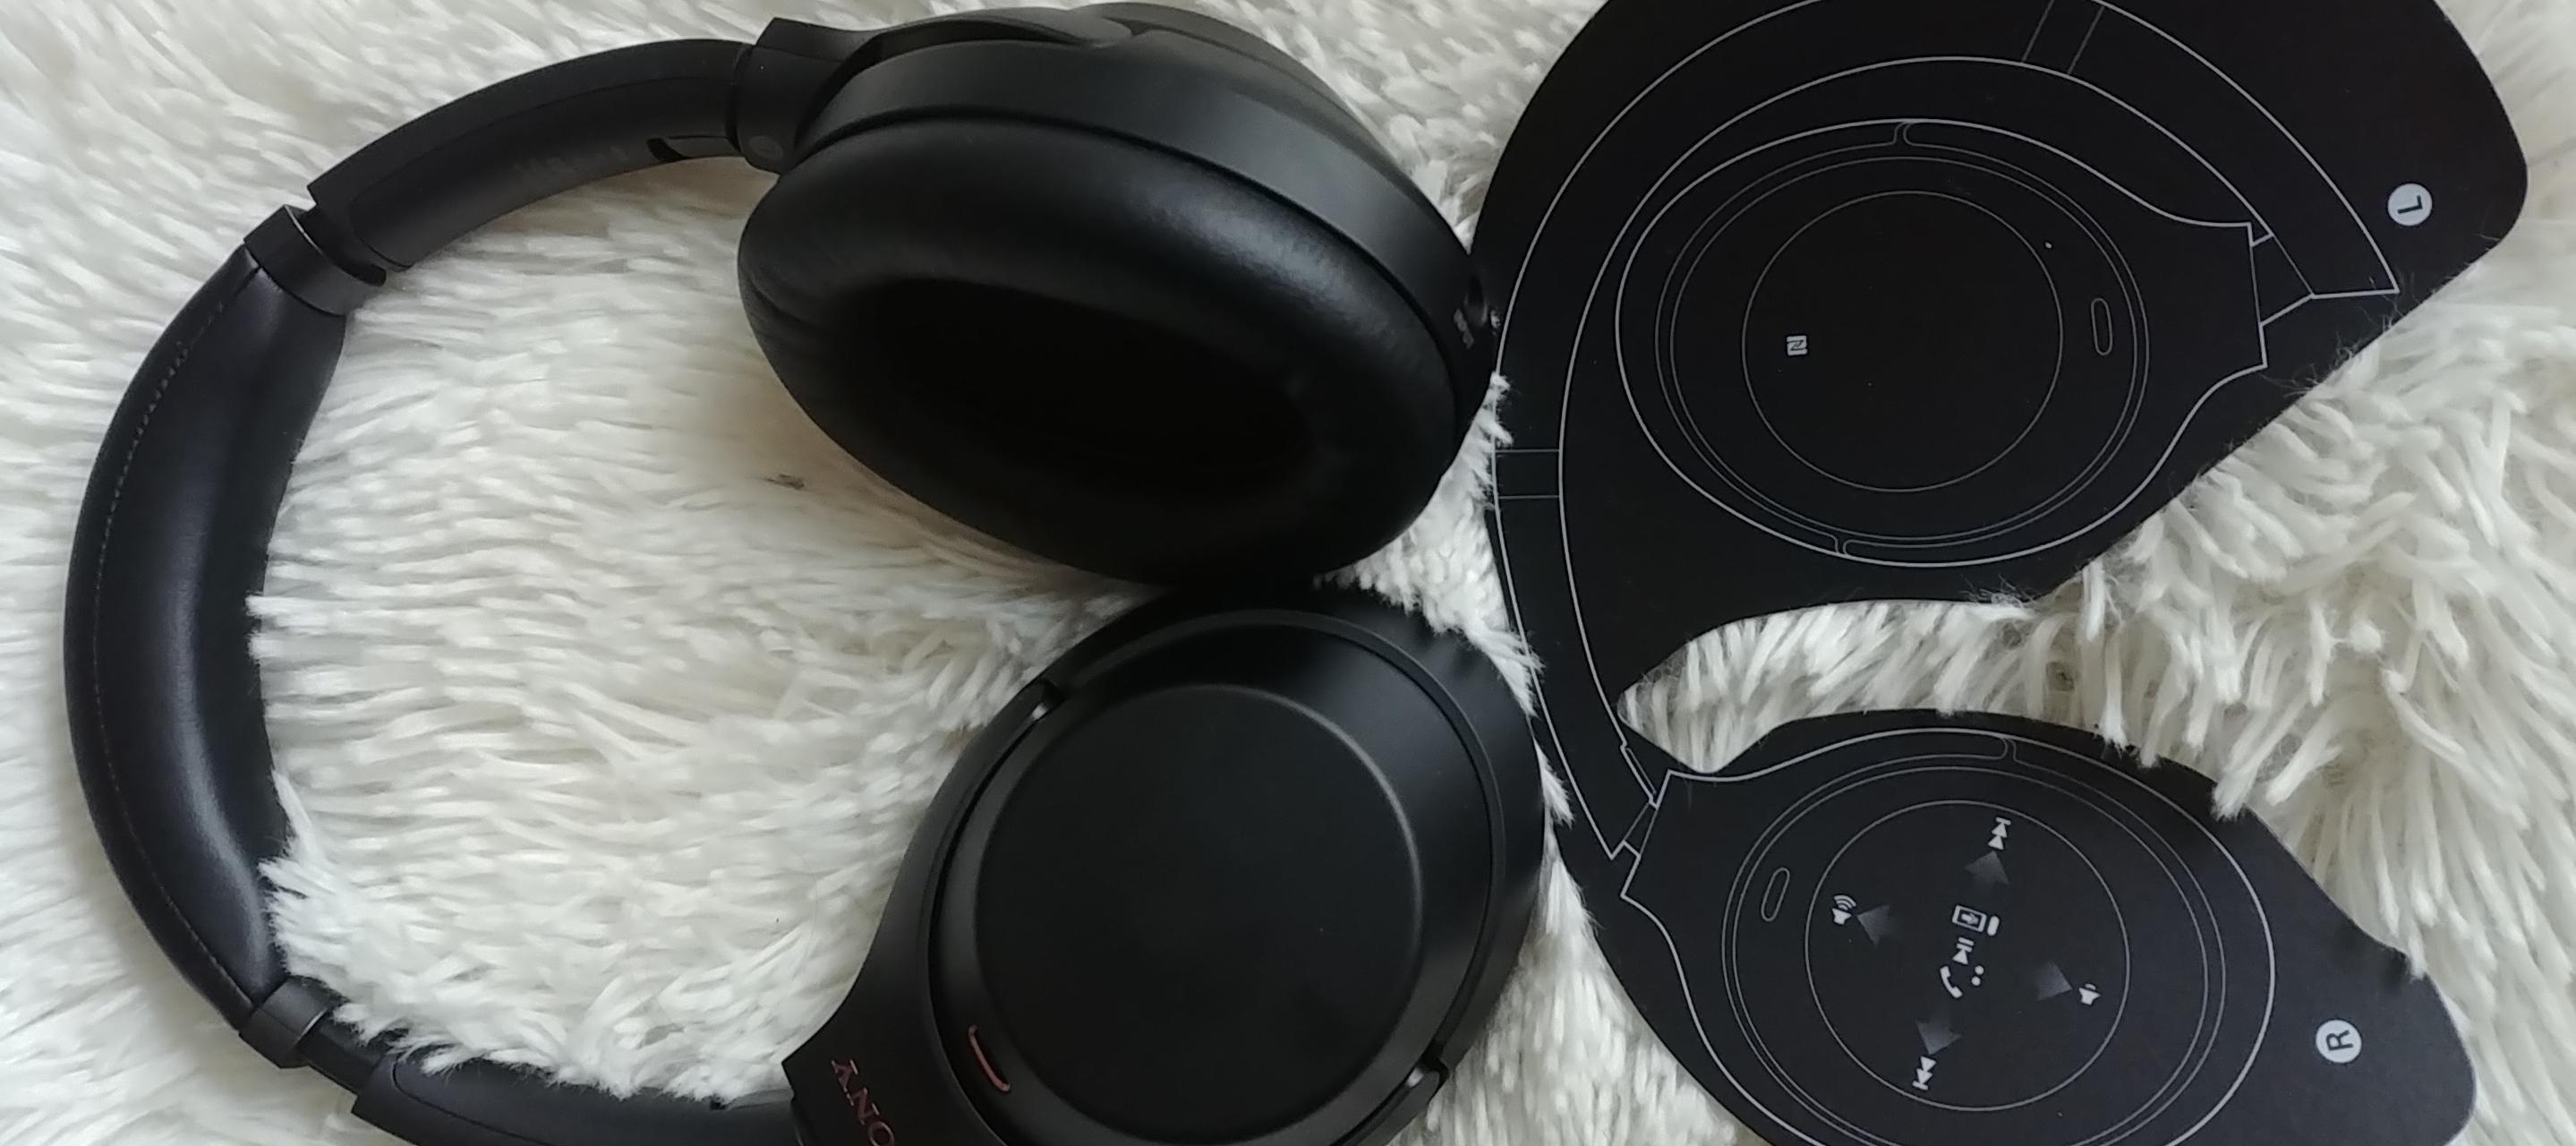 Kopfhörer auf und abtauchen mit den Sony WH 1000XM3